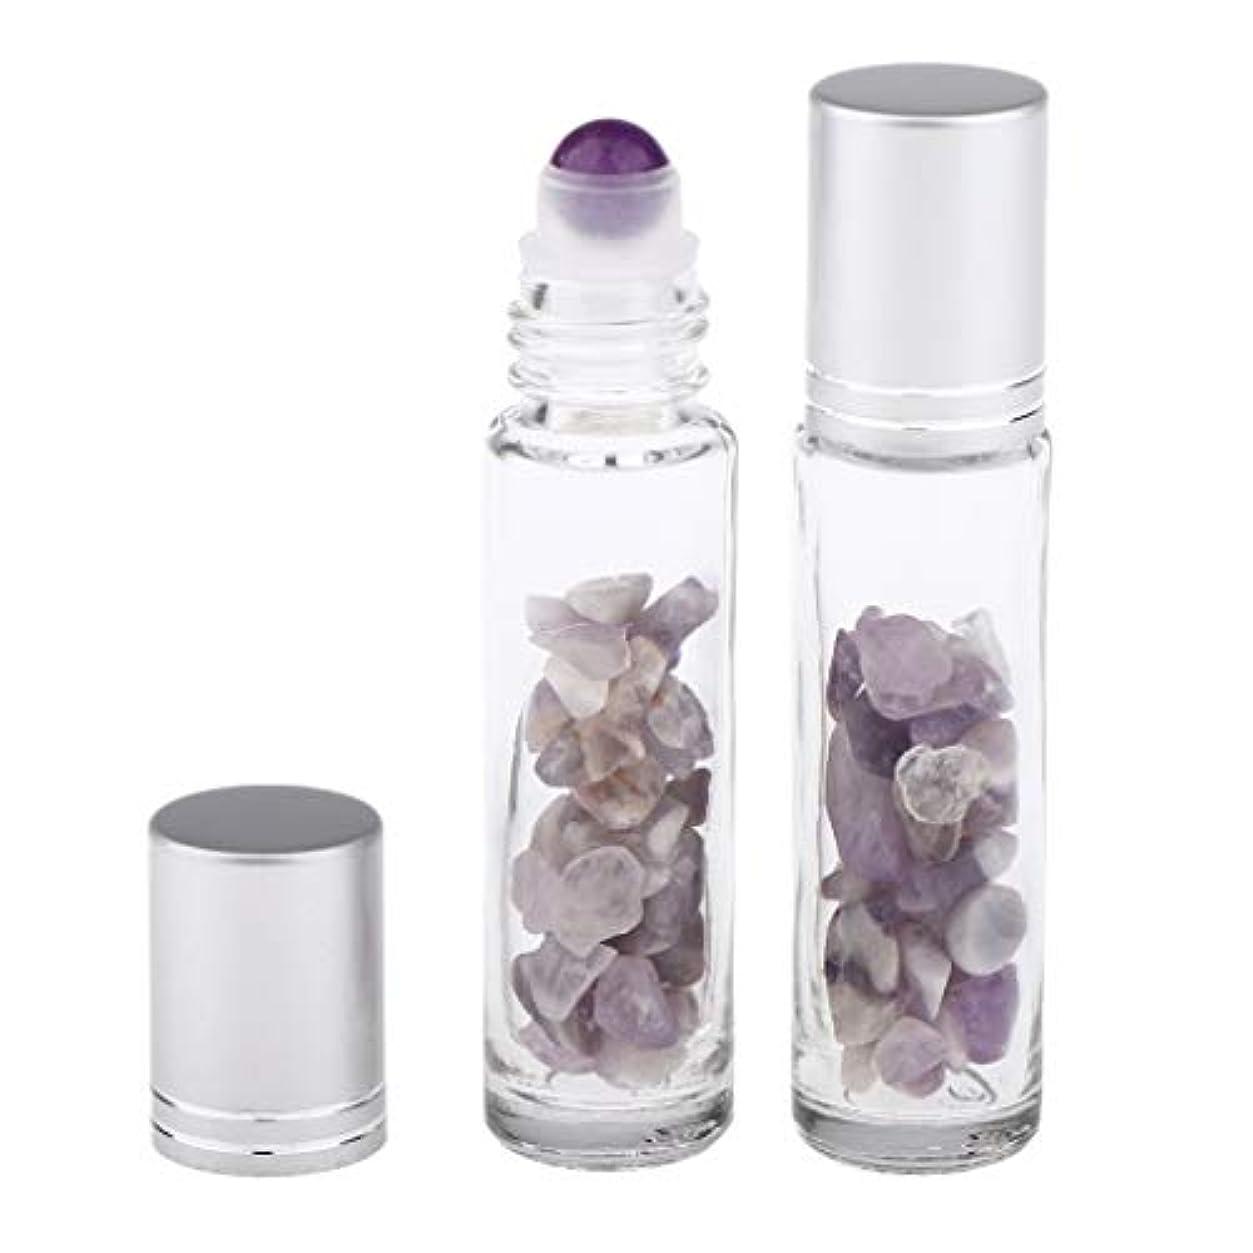 問い合わせるモンゴメリー目的Hellery 10ml ガラスボトル 香水ボトル 精油瓶 アトマイザー 詰替え ロールオンボトル 天然石 2個 - アメジスト